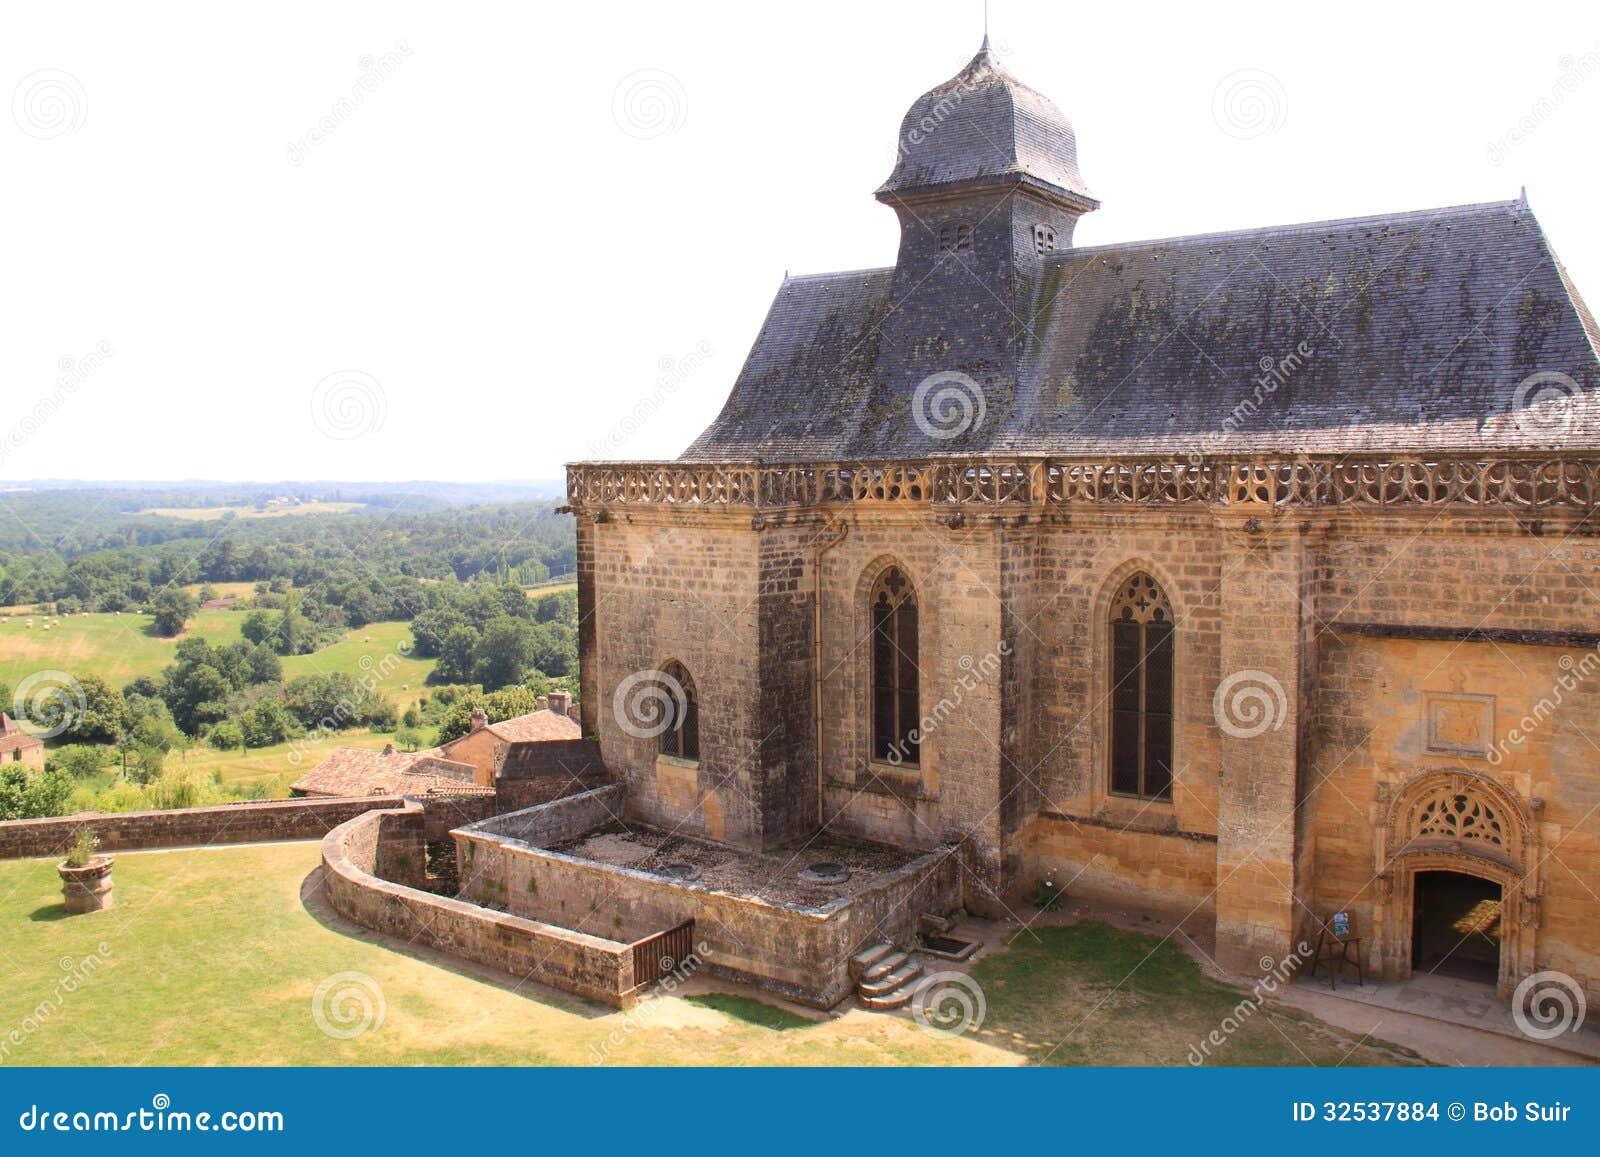 Chapel chateau de biron, dordogne france